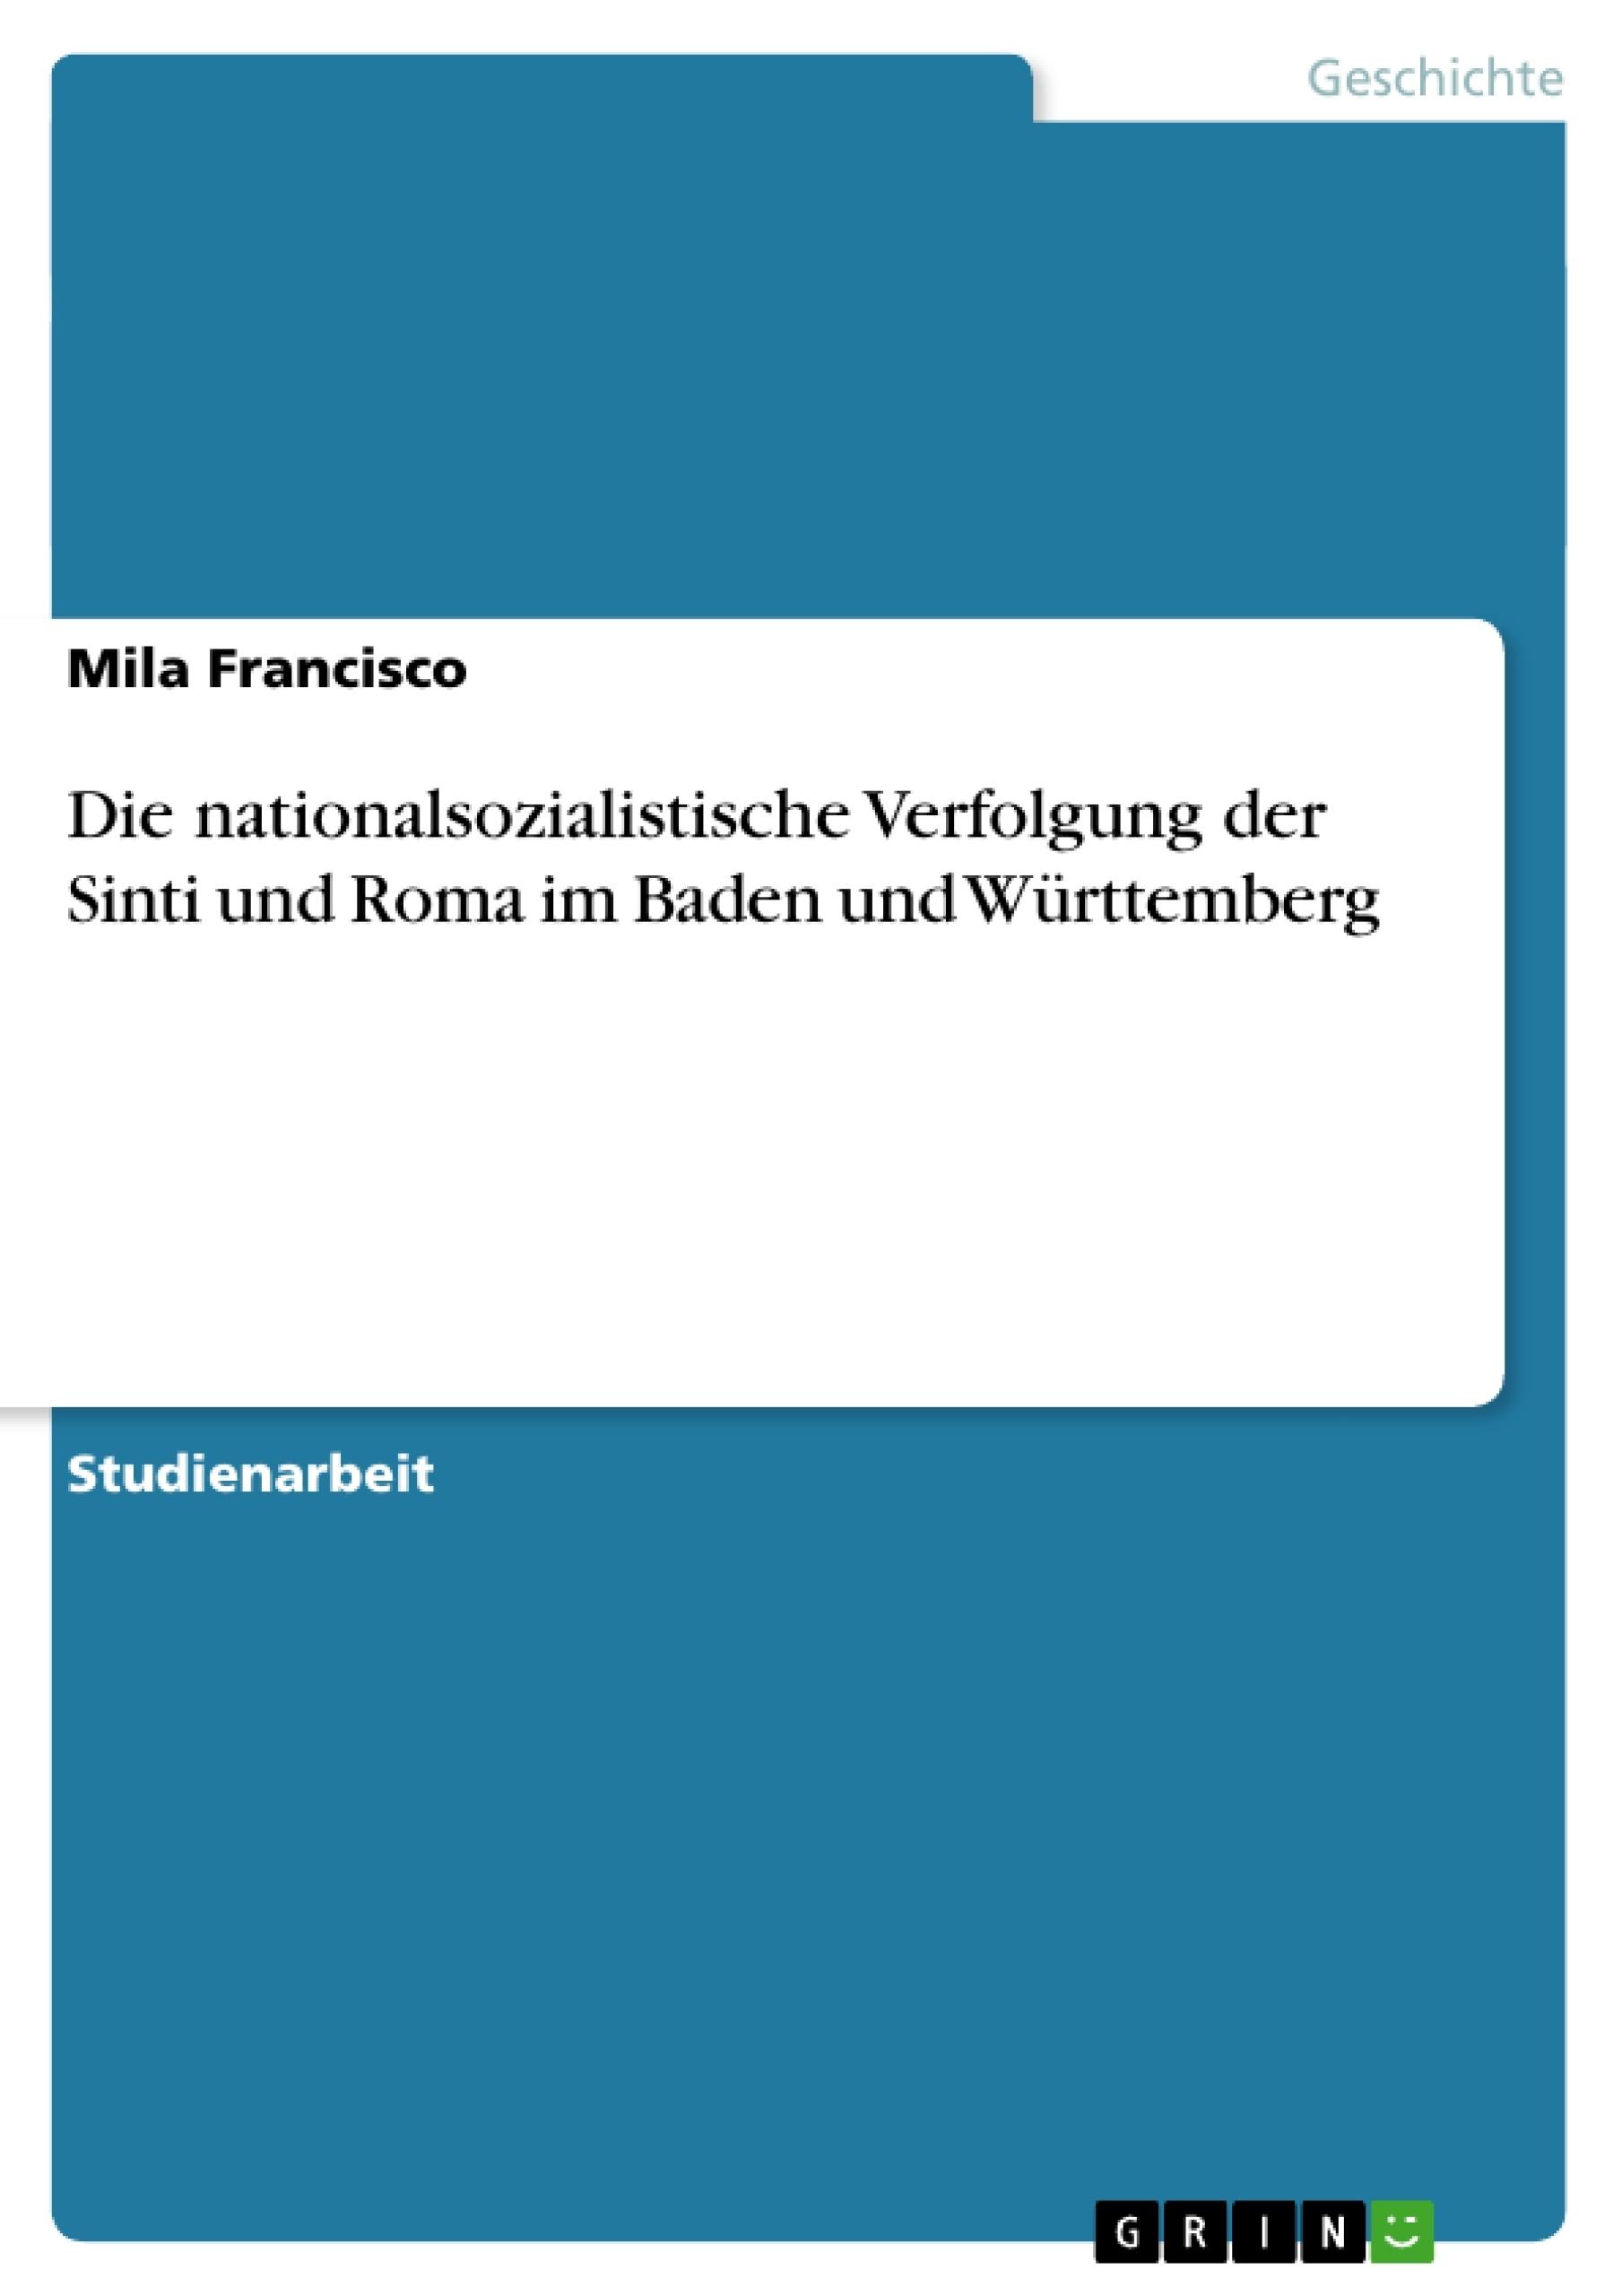 Titel: Die nationalsozialistische Verfolgung der Sinti und Roma im Baden und Württemberg